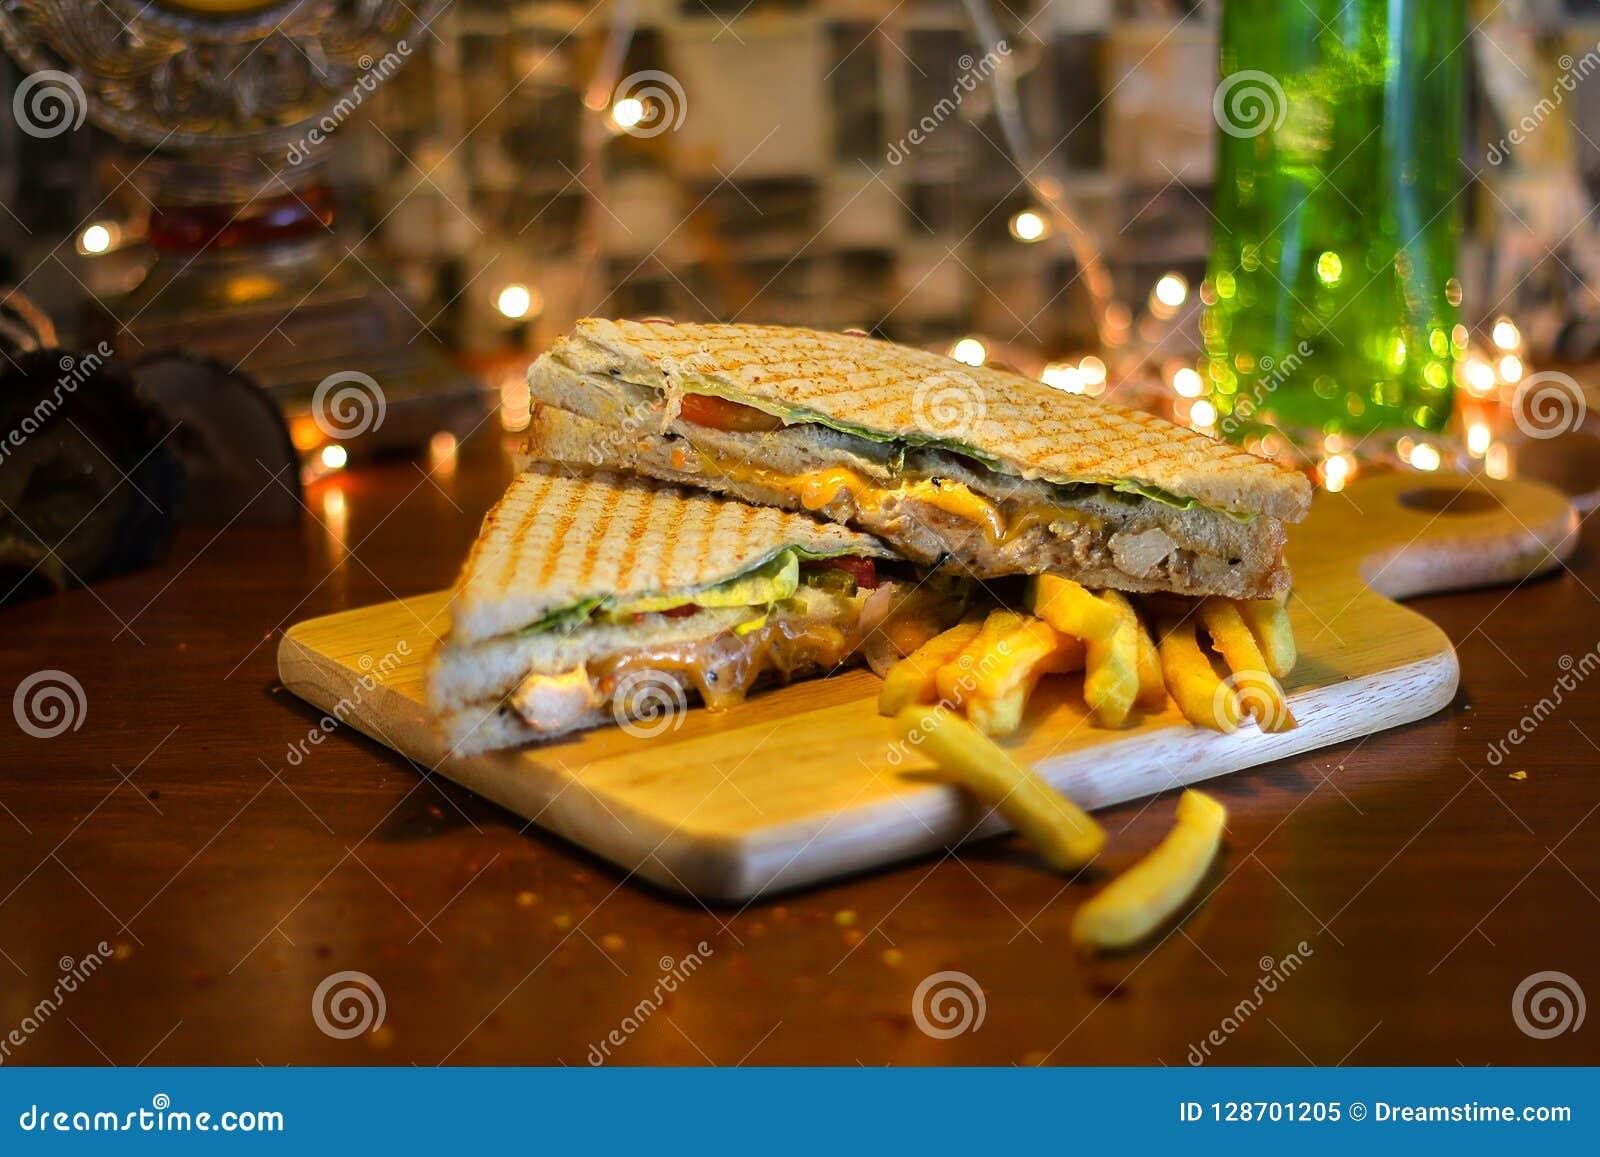 Sandwich à club de poulet avec des pommes frites